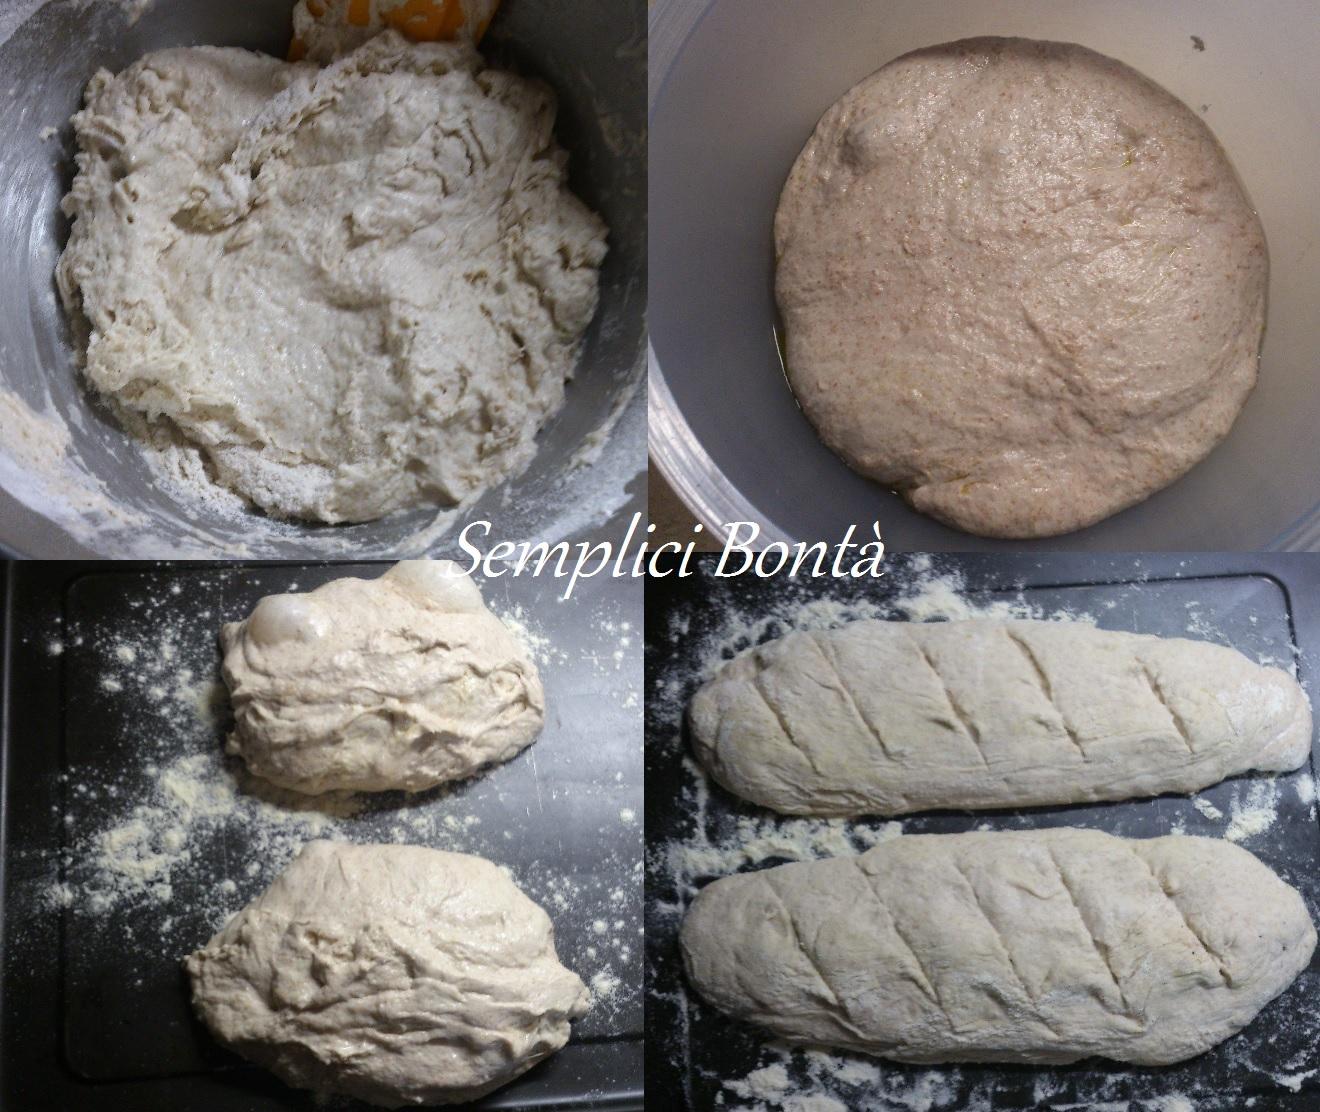 filone con farina 2 e lievito di kefir